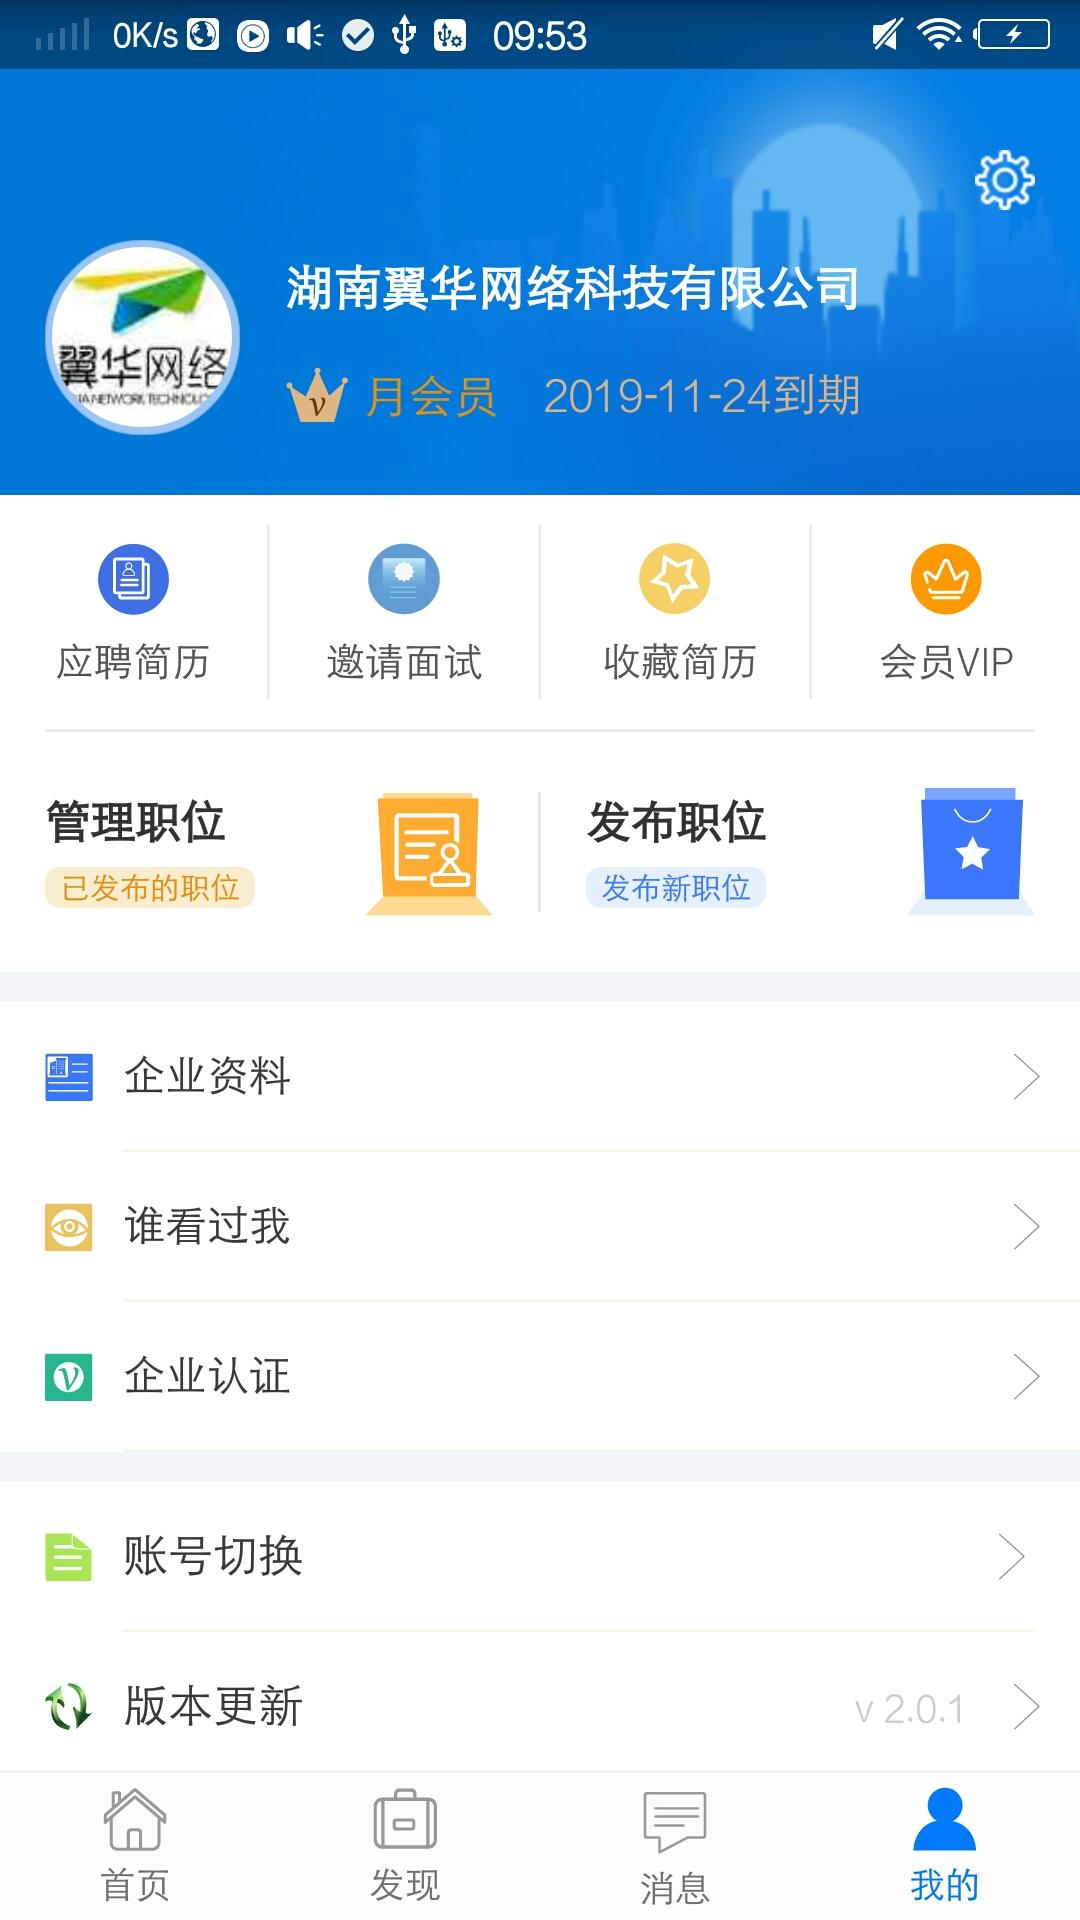 金豪棋牌app手机版下载人才网APP企业中心